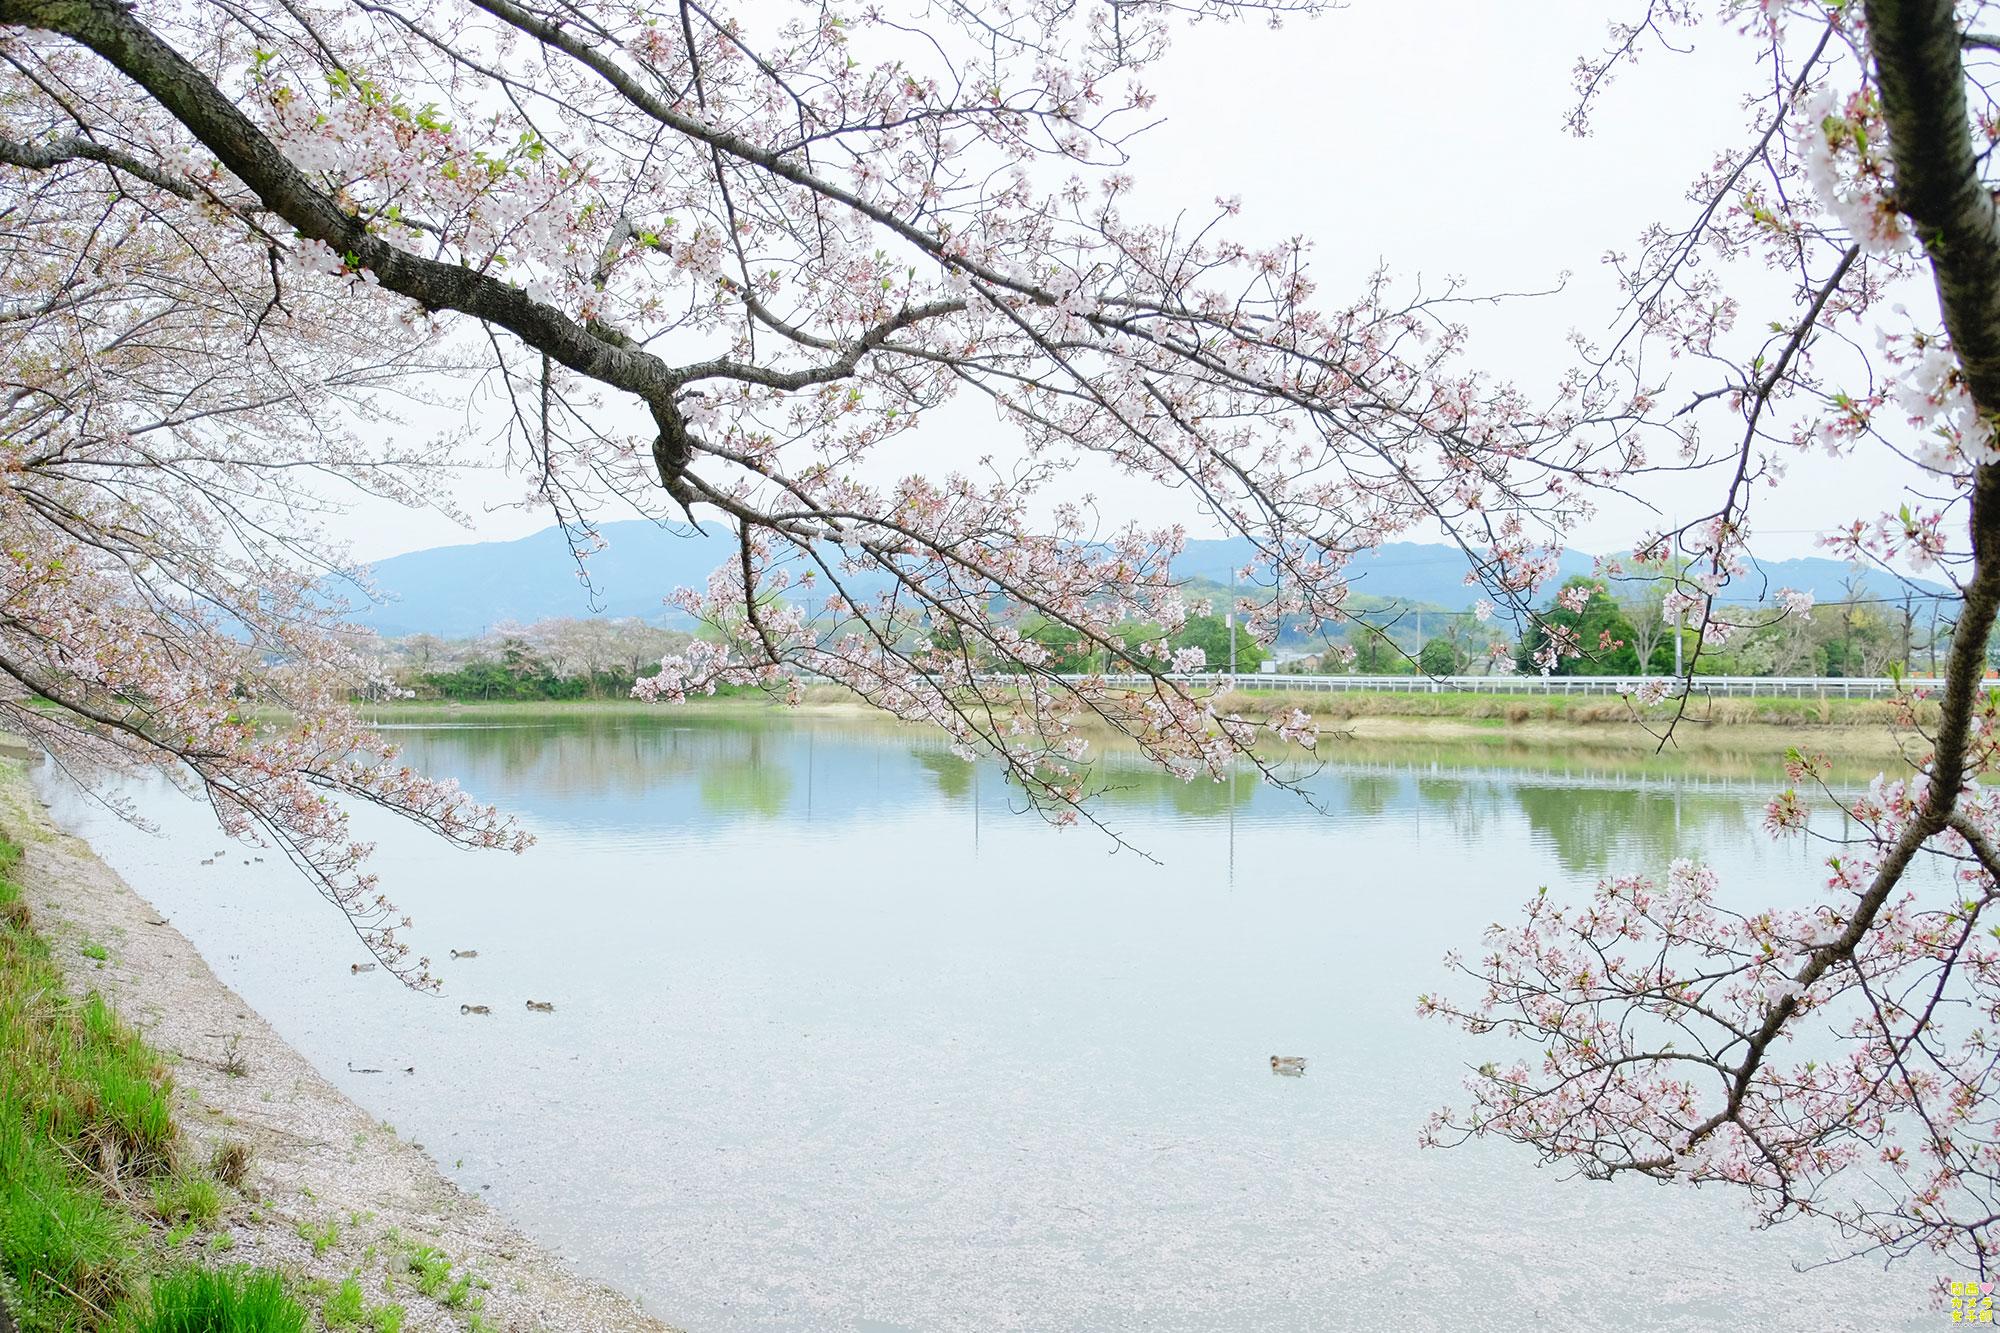 hiro_fujiwara_DSCF1902